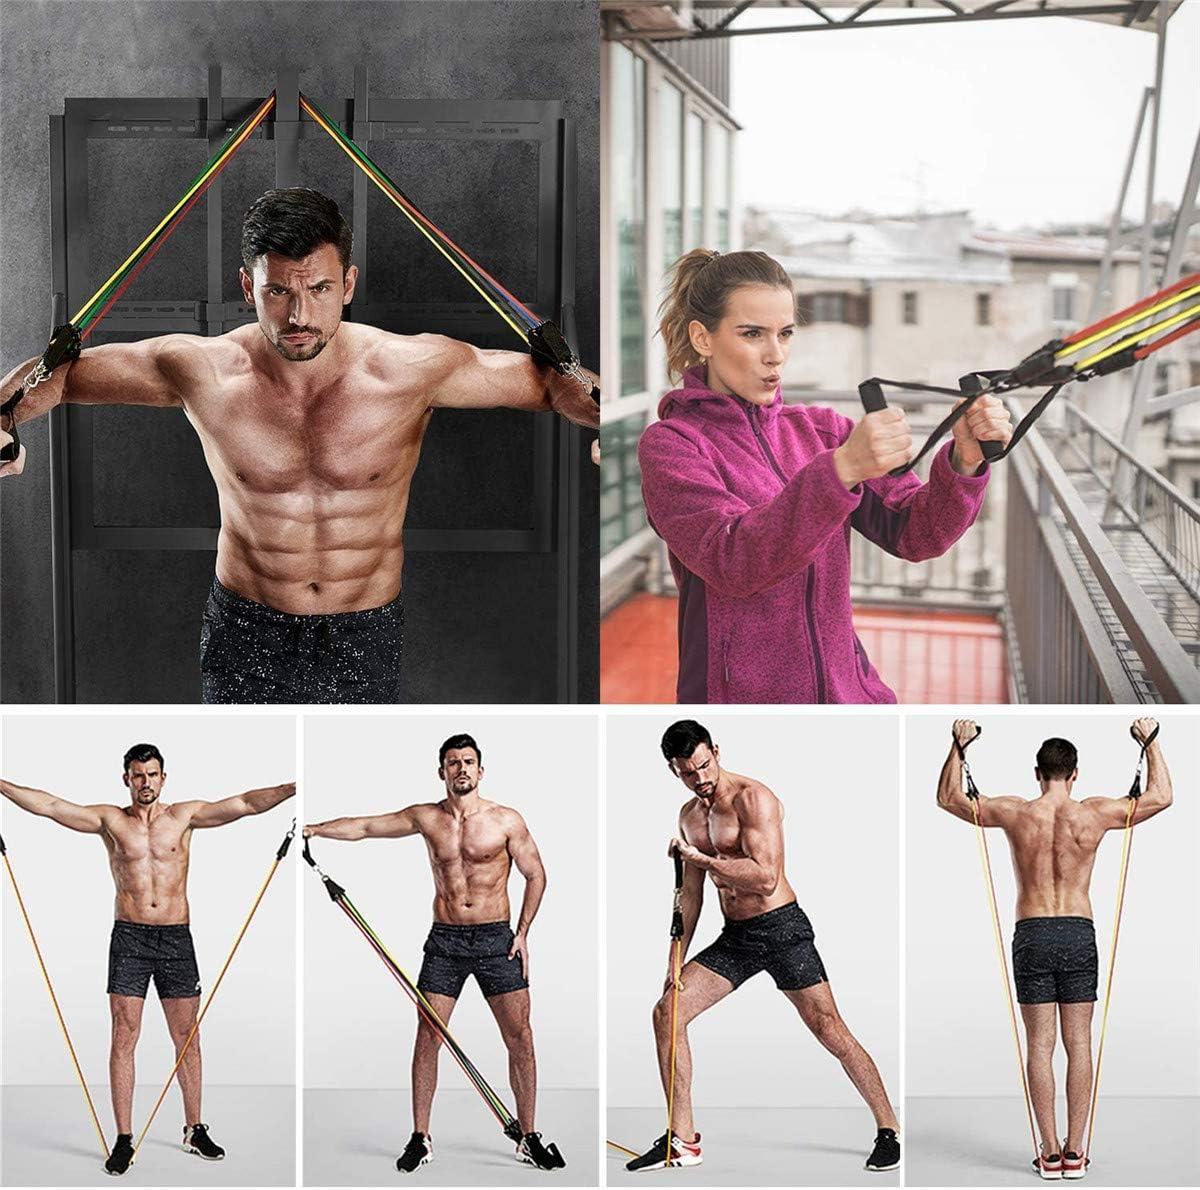 Ejercicio bandas de resistencia Stretch – elástico Fitness Home entrenamiento equipo para hombres mujeres personas mayores   Kit de entrenamiento para ...